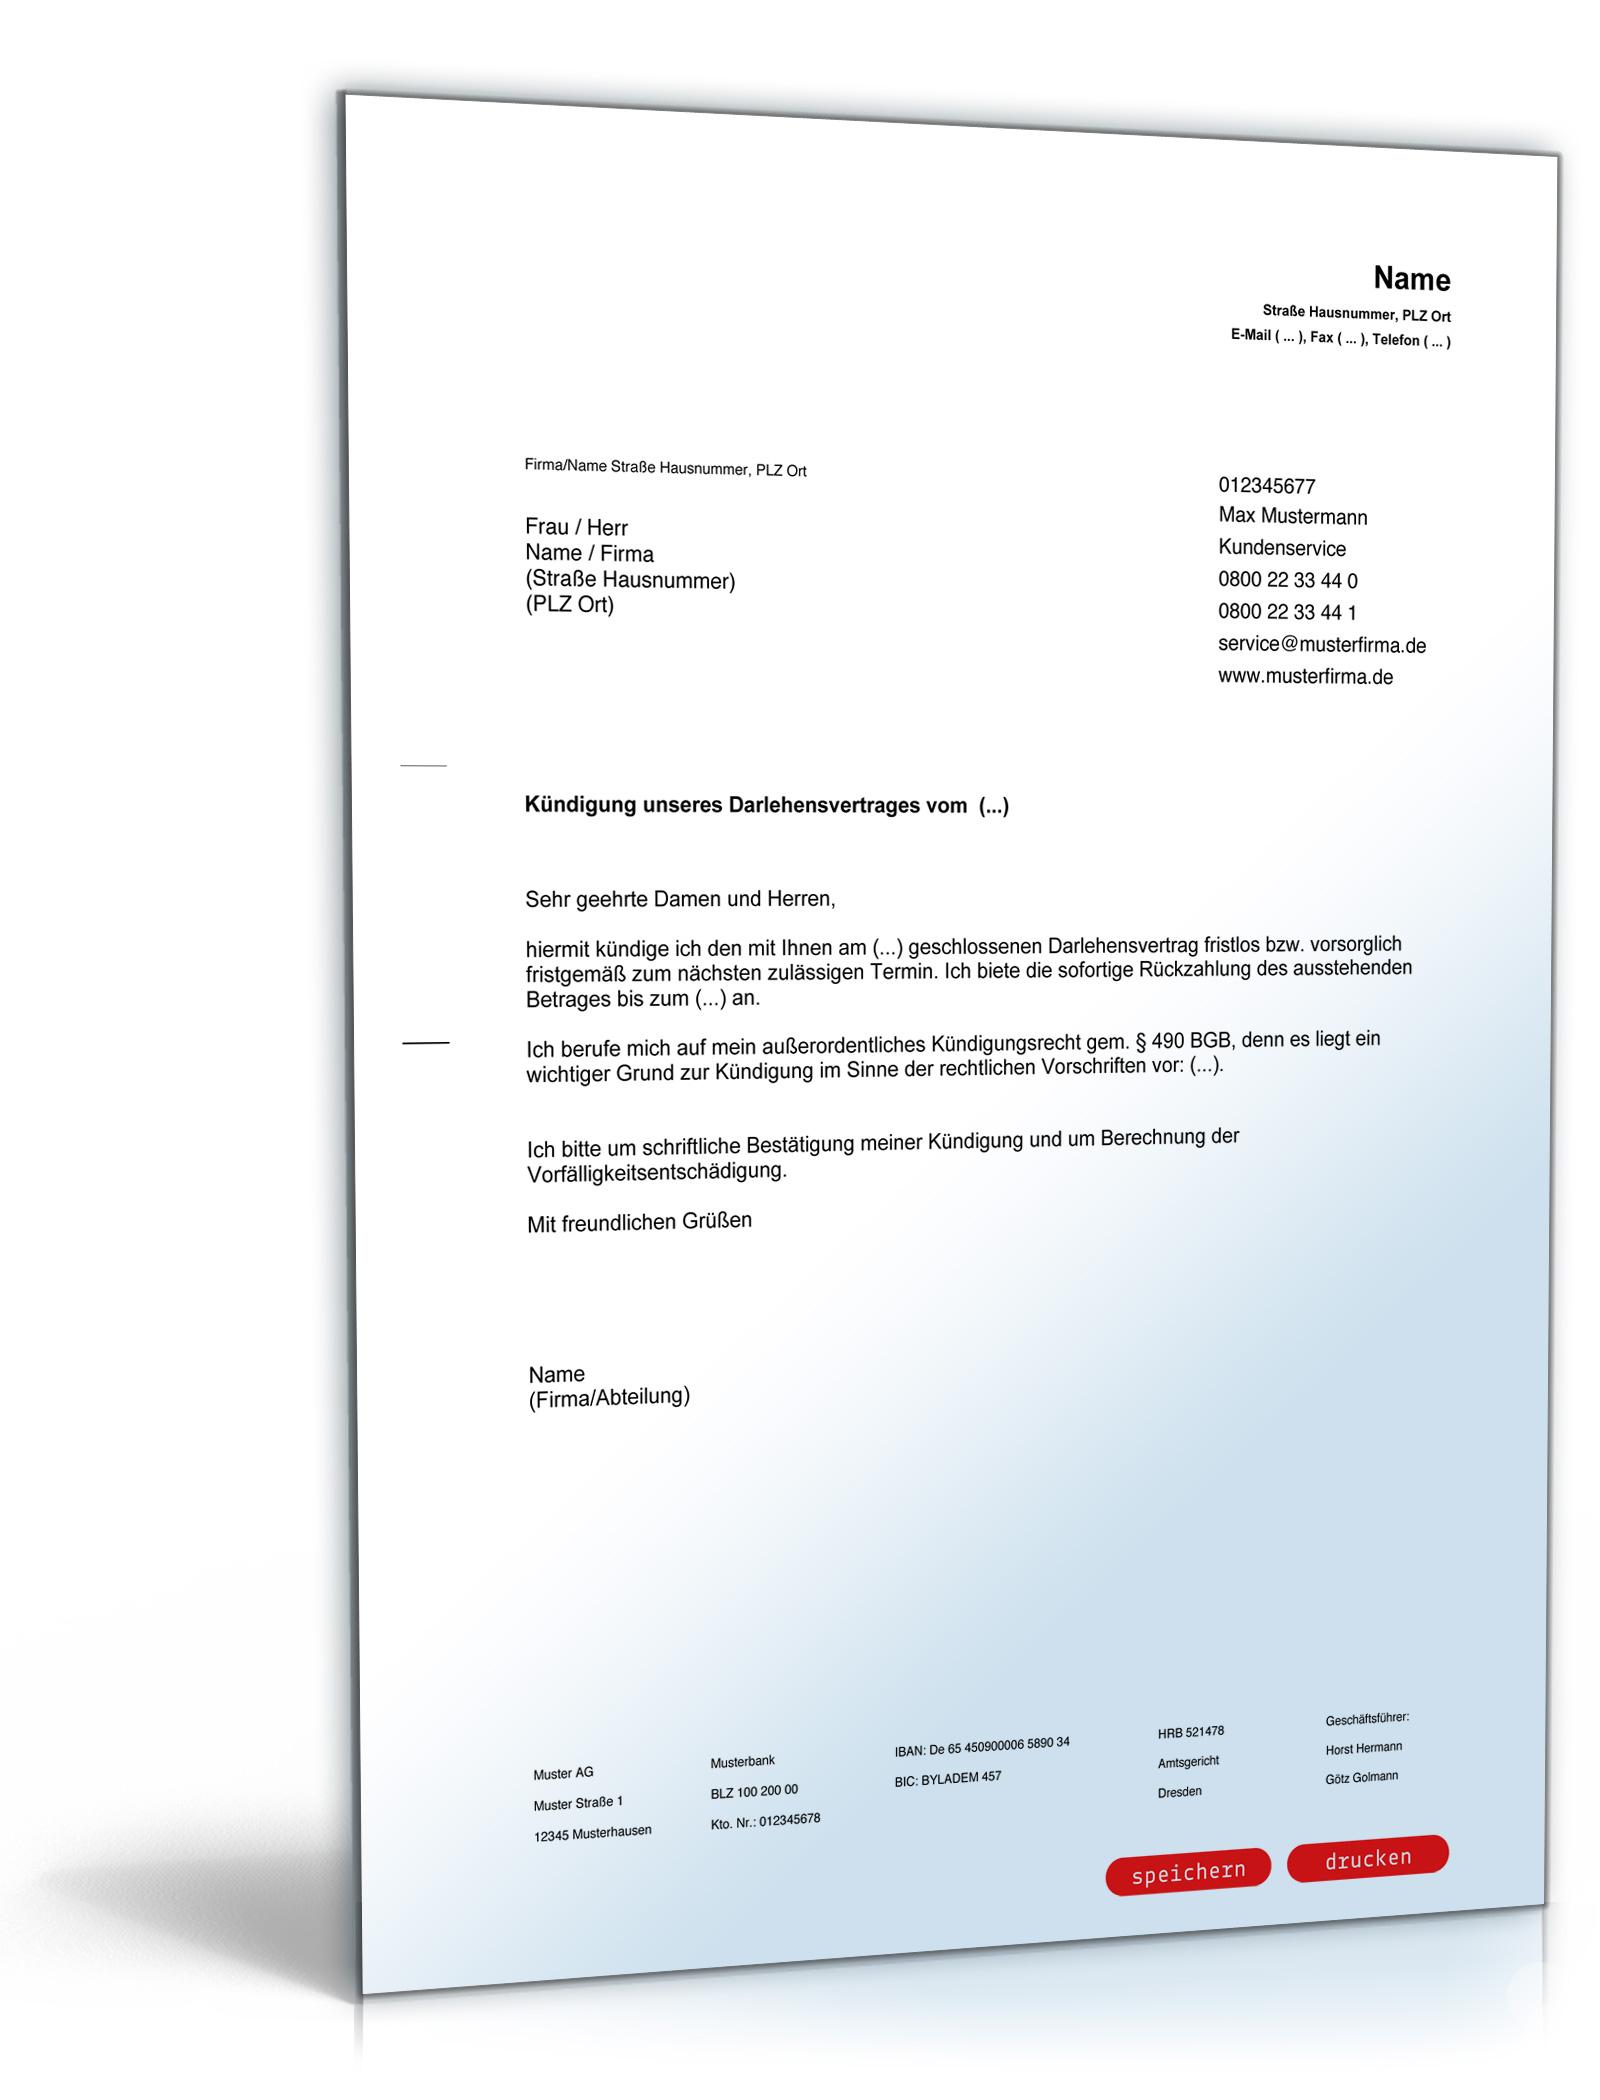 Exelent Darlehensvertrag Vorlage Wort Elaboration - FORTSETZUNG ...